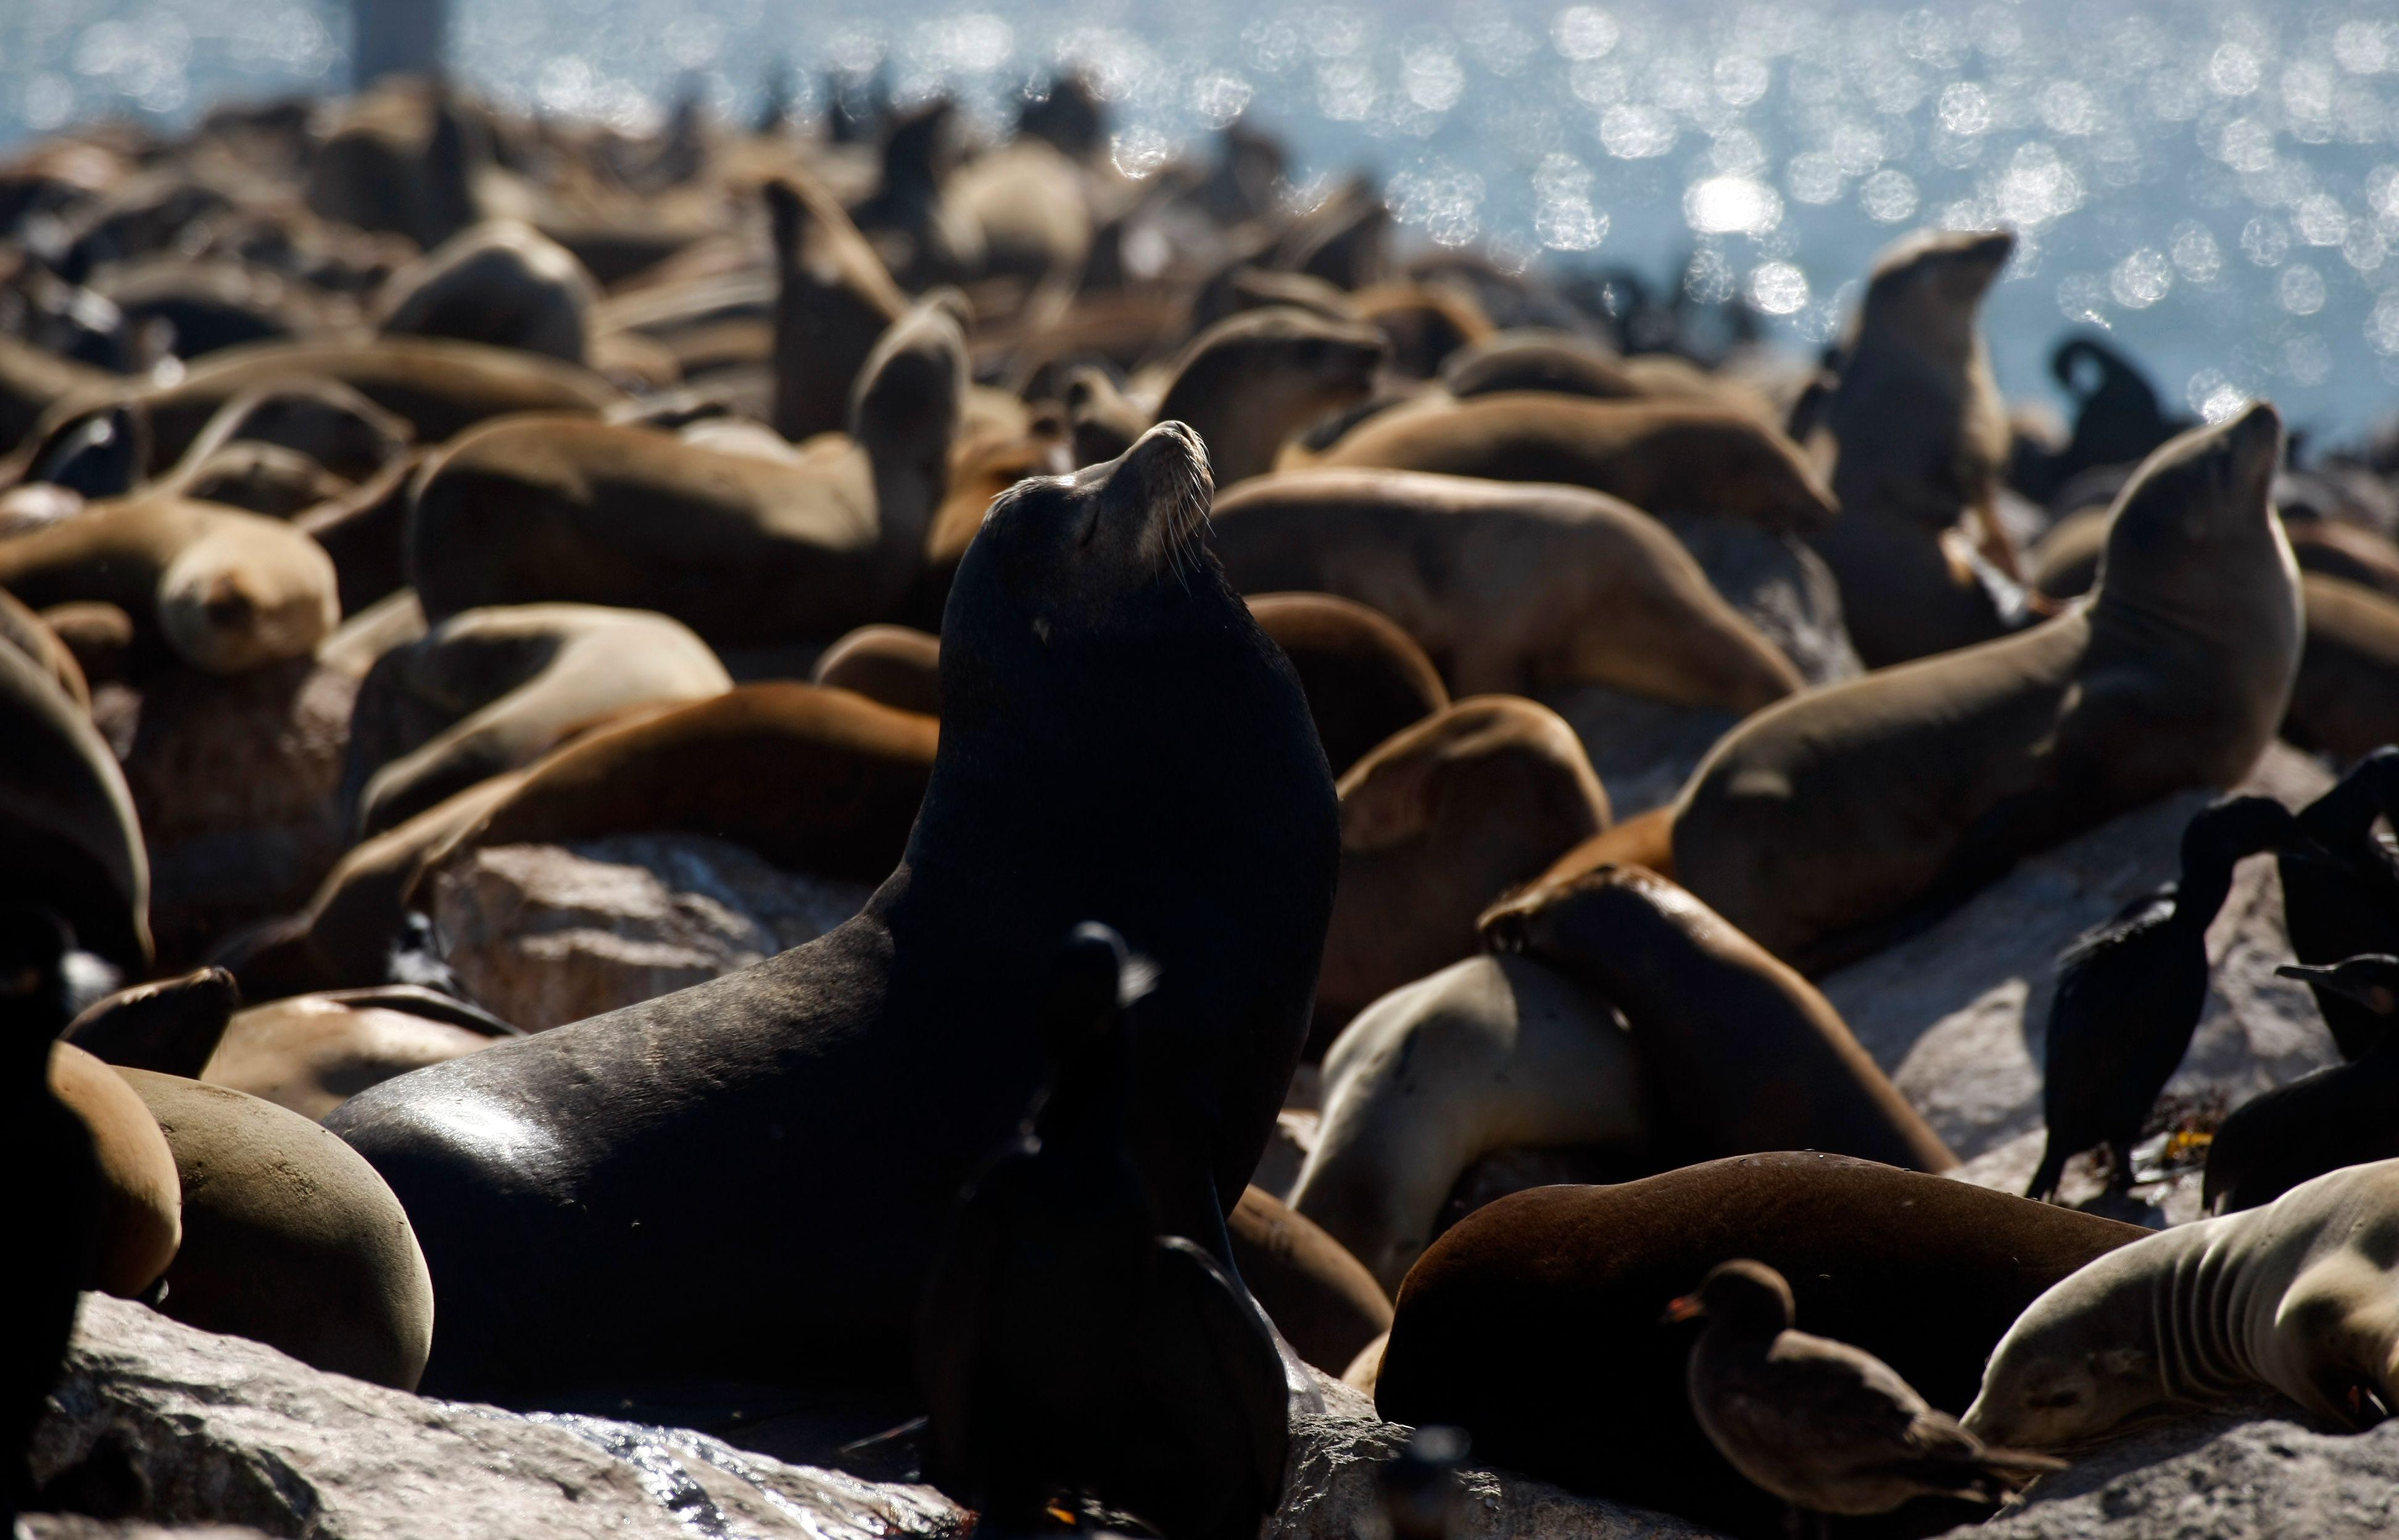 Le lion de mer est une espèce d'otarie